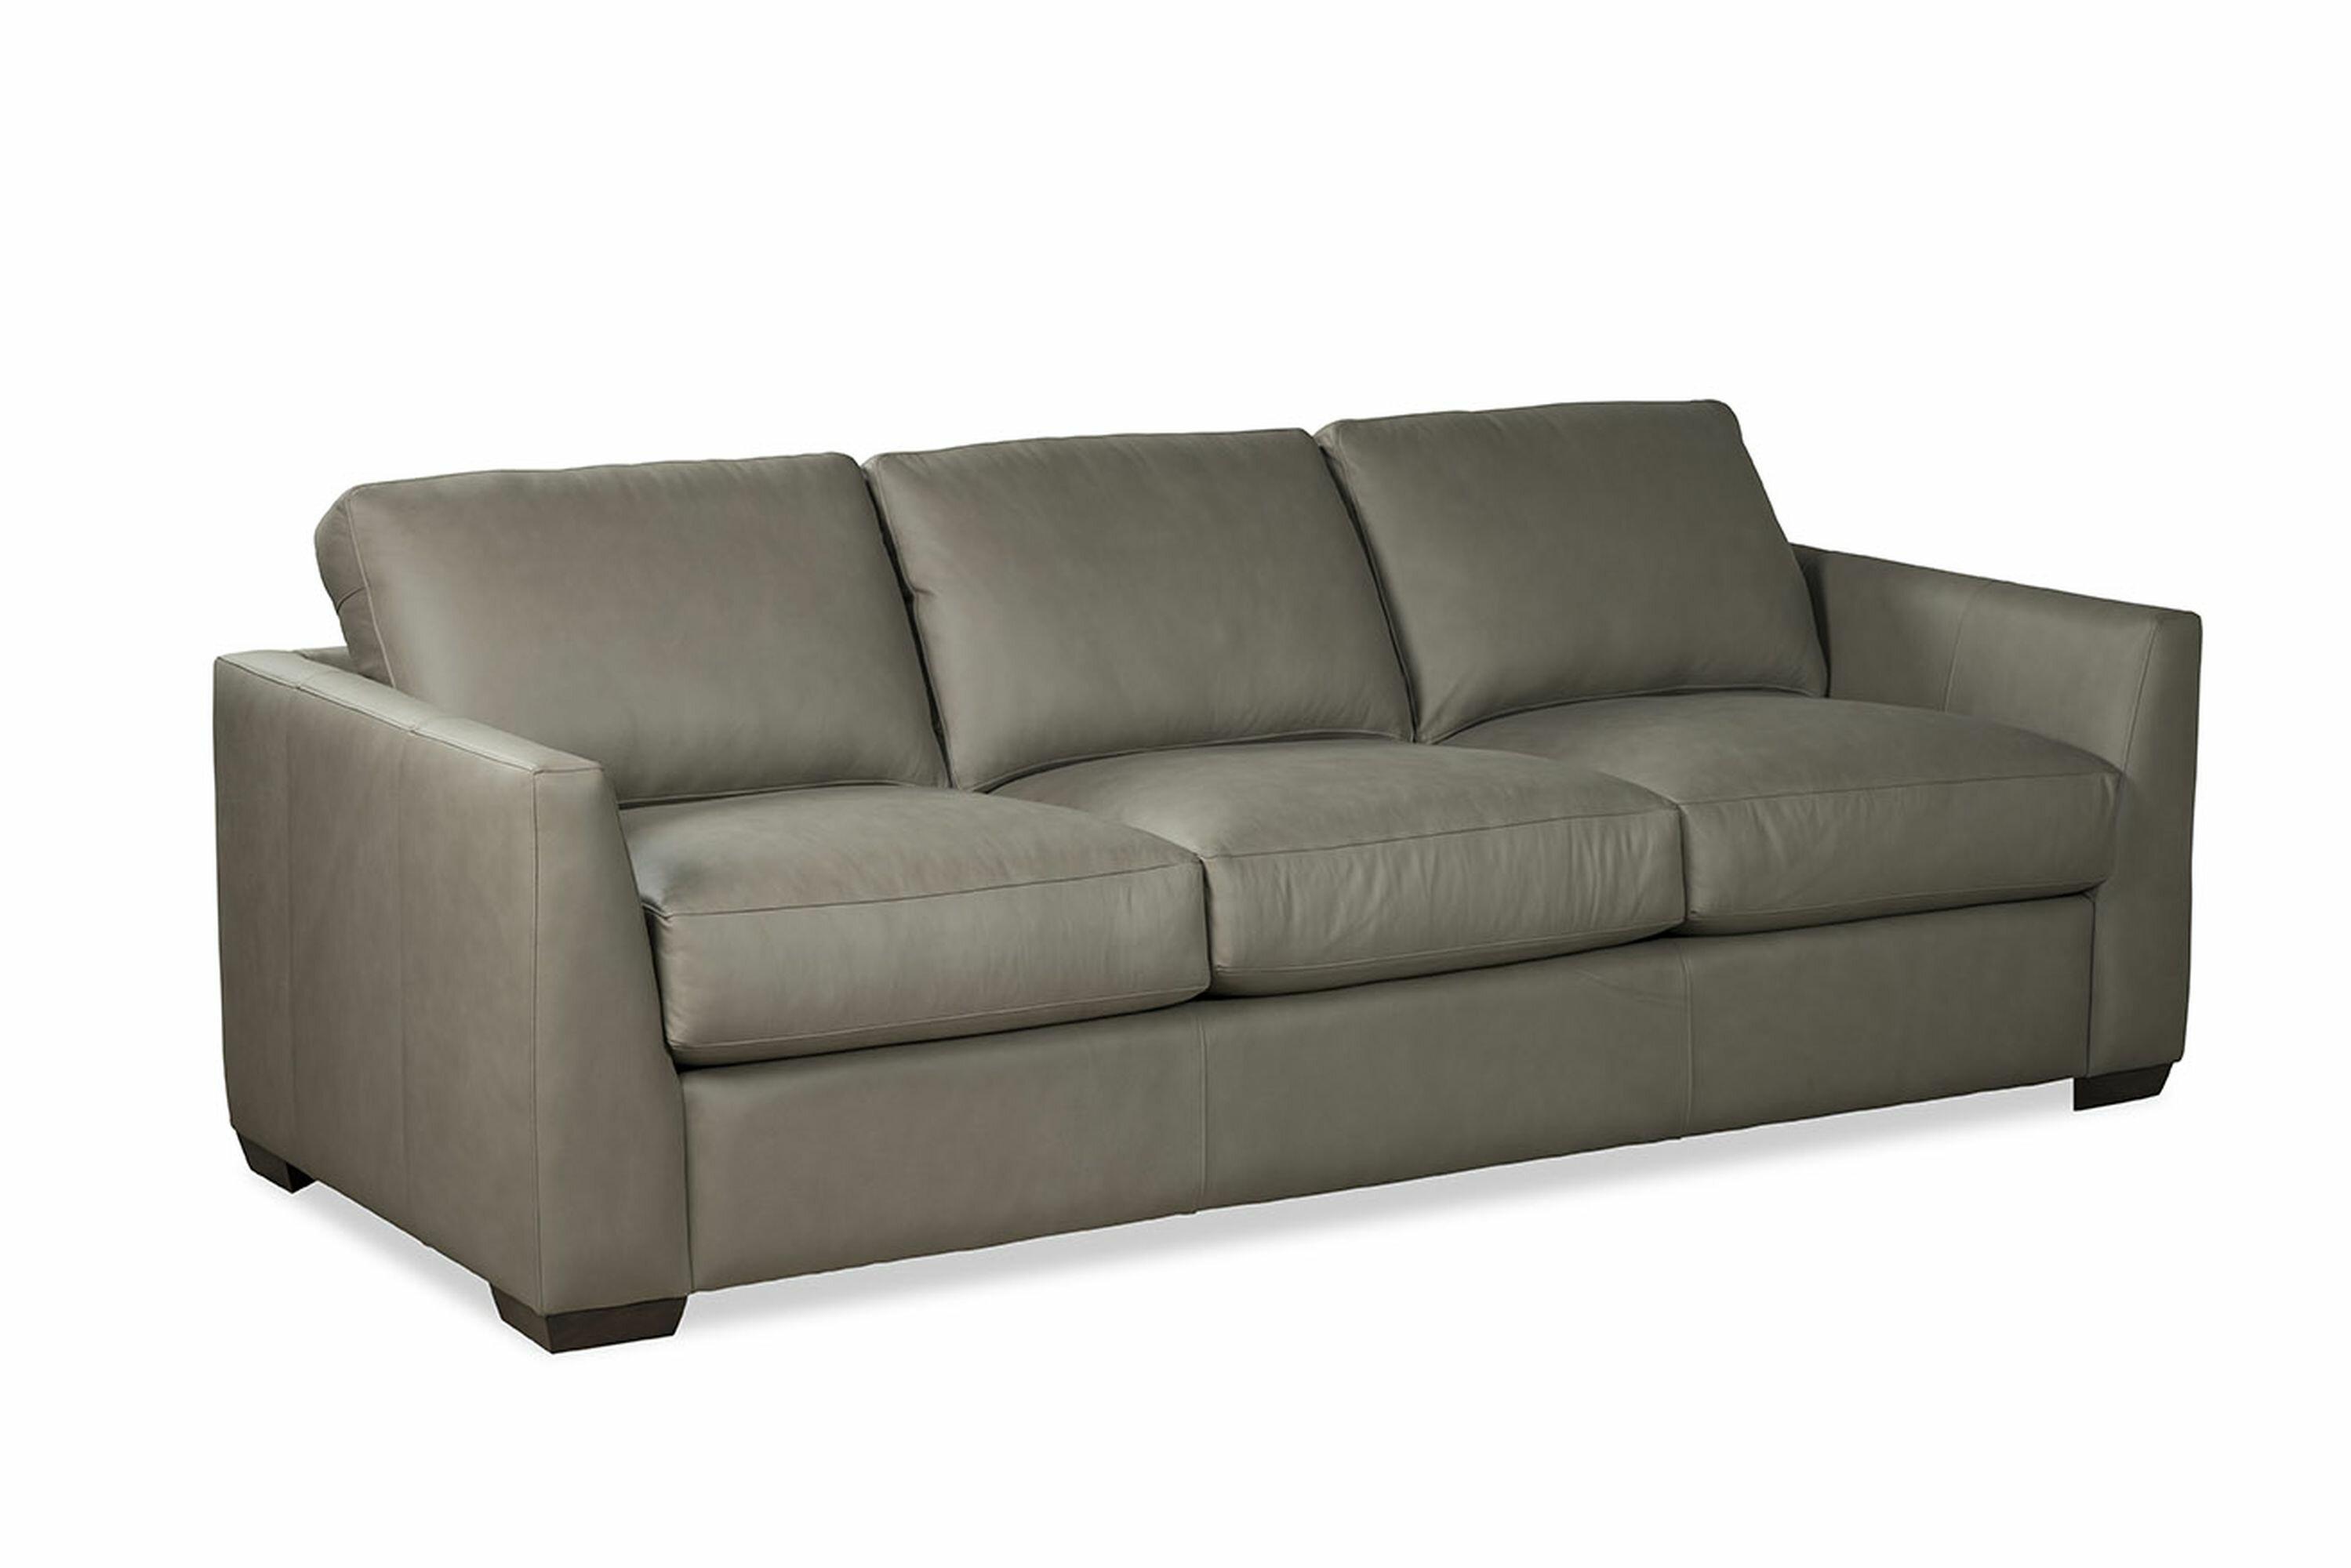 Arlo Leather Sofa